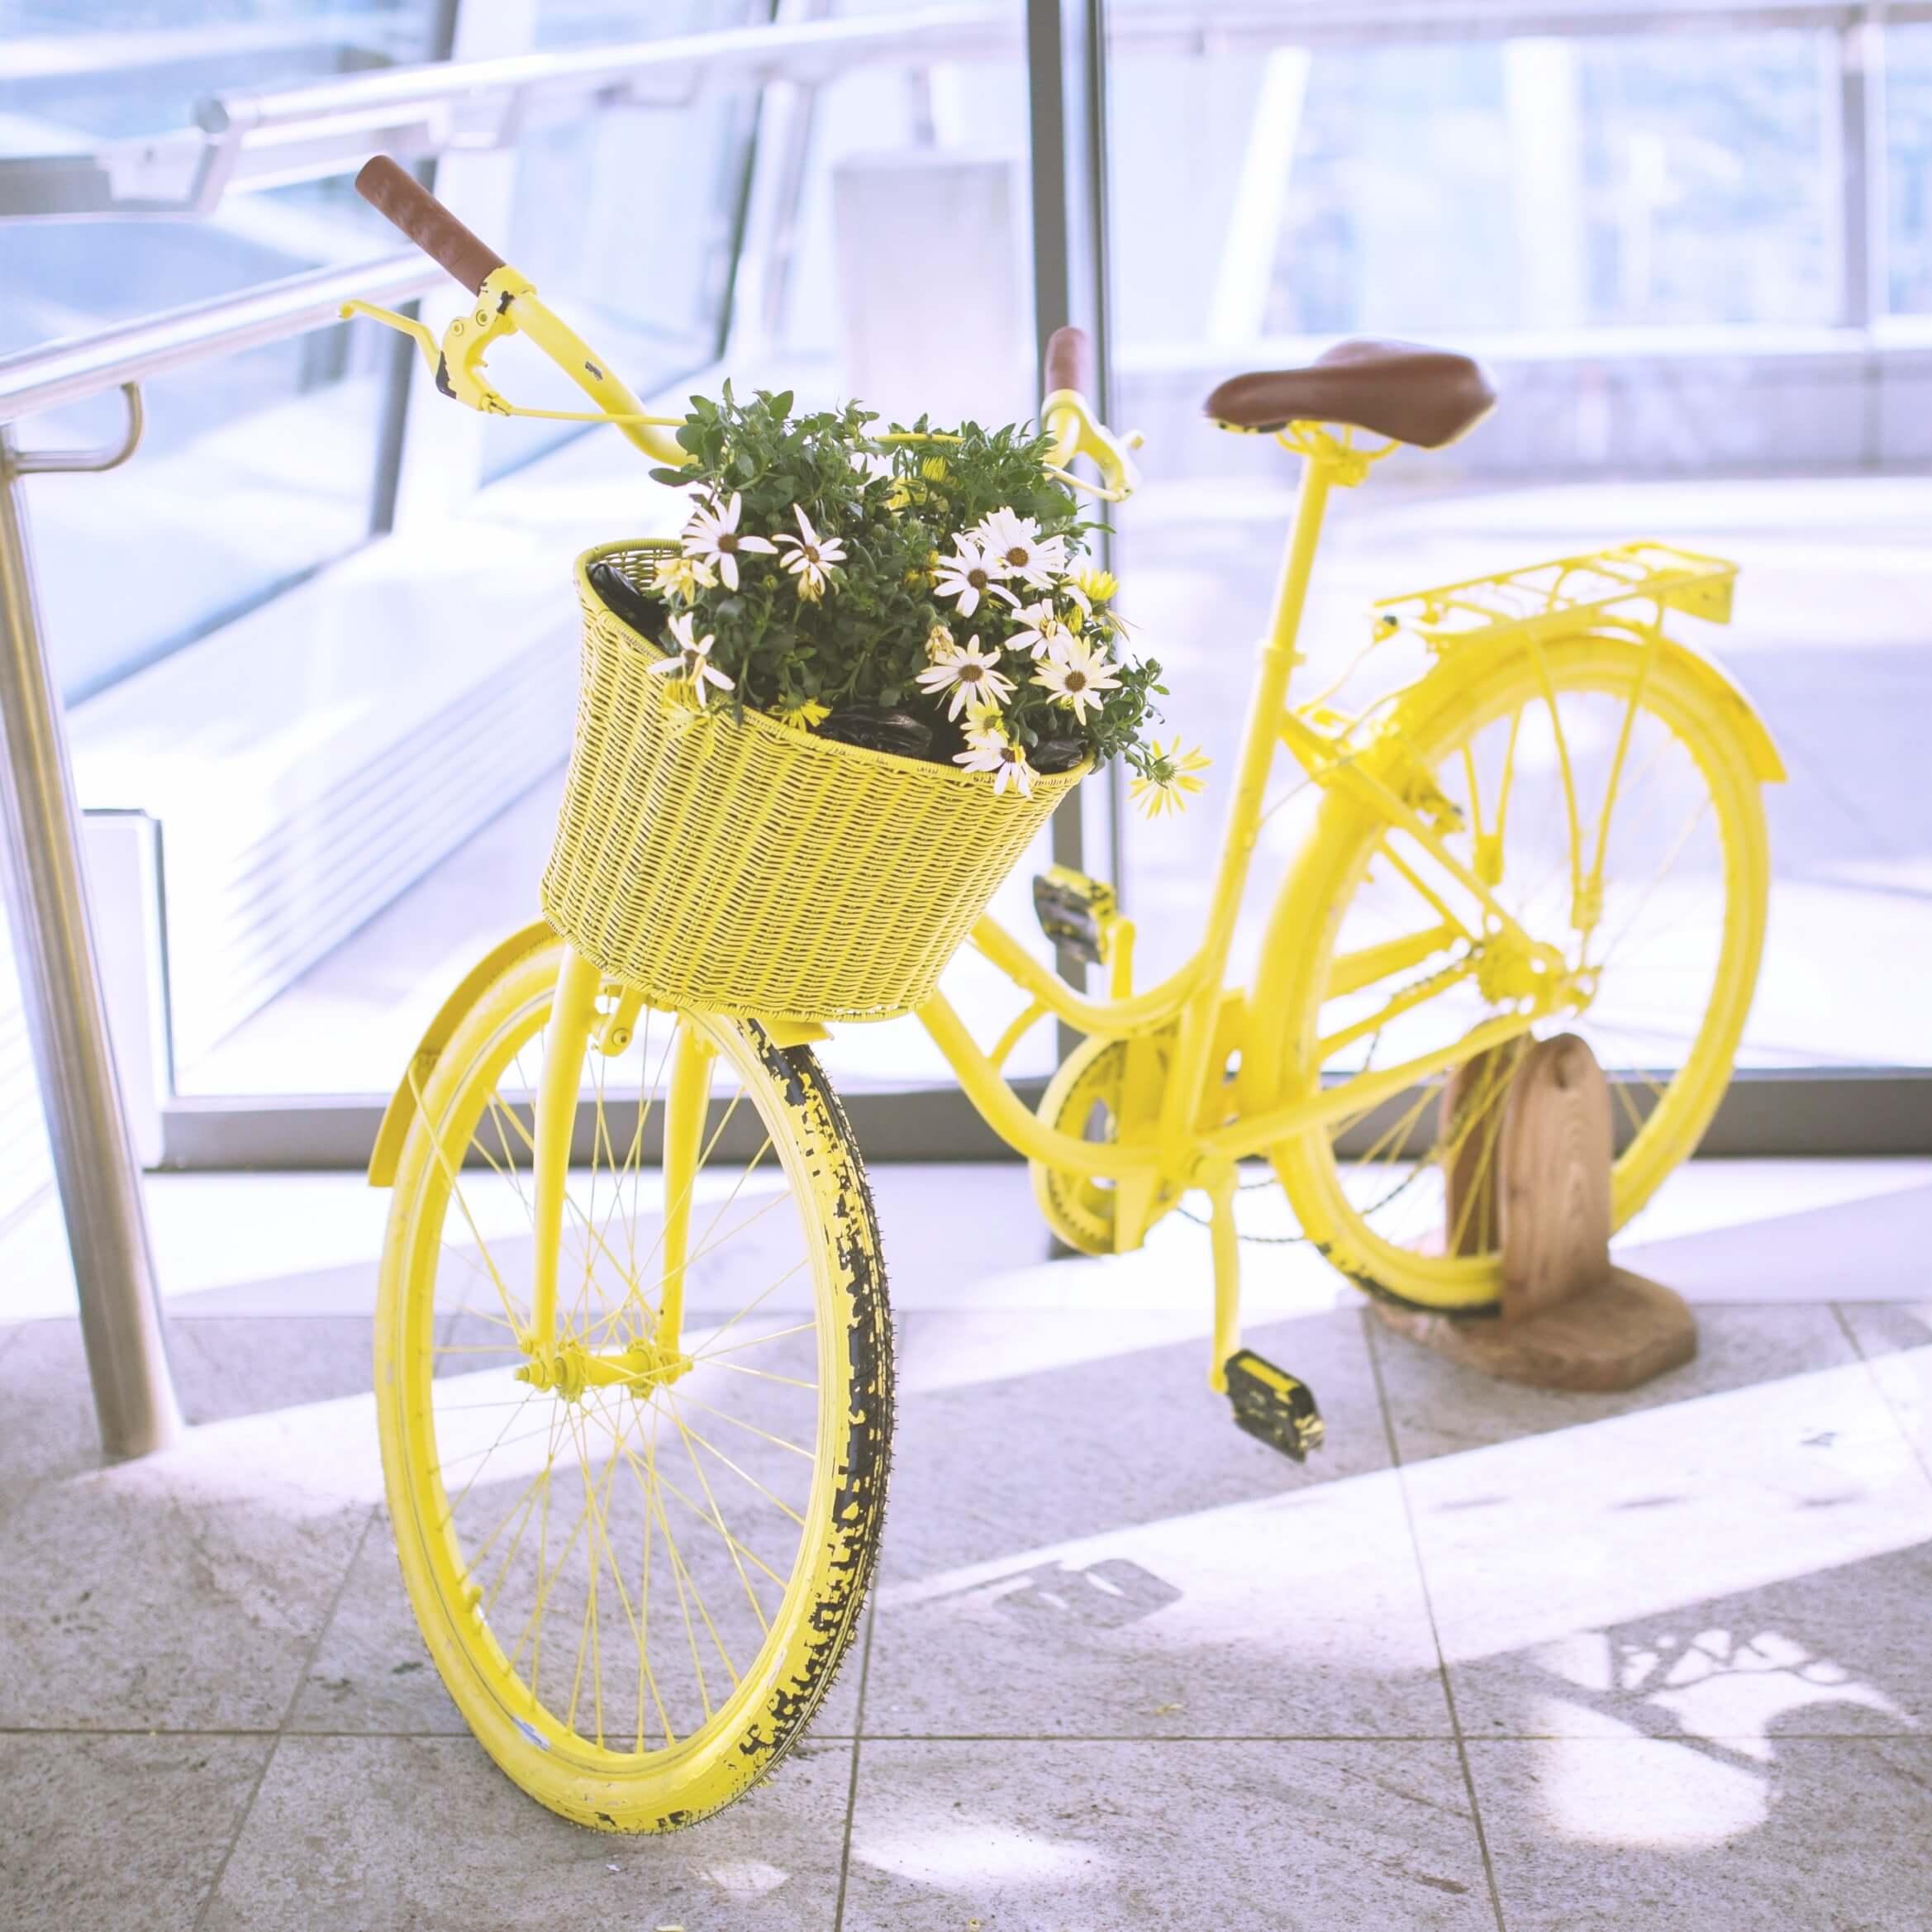 黄色の自転車と花2